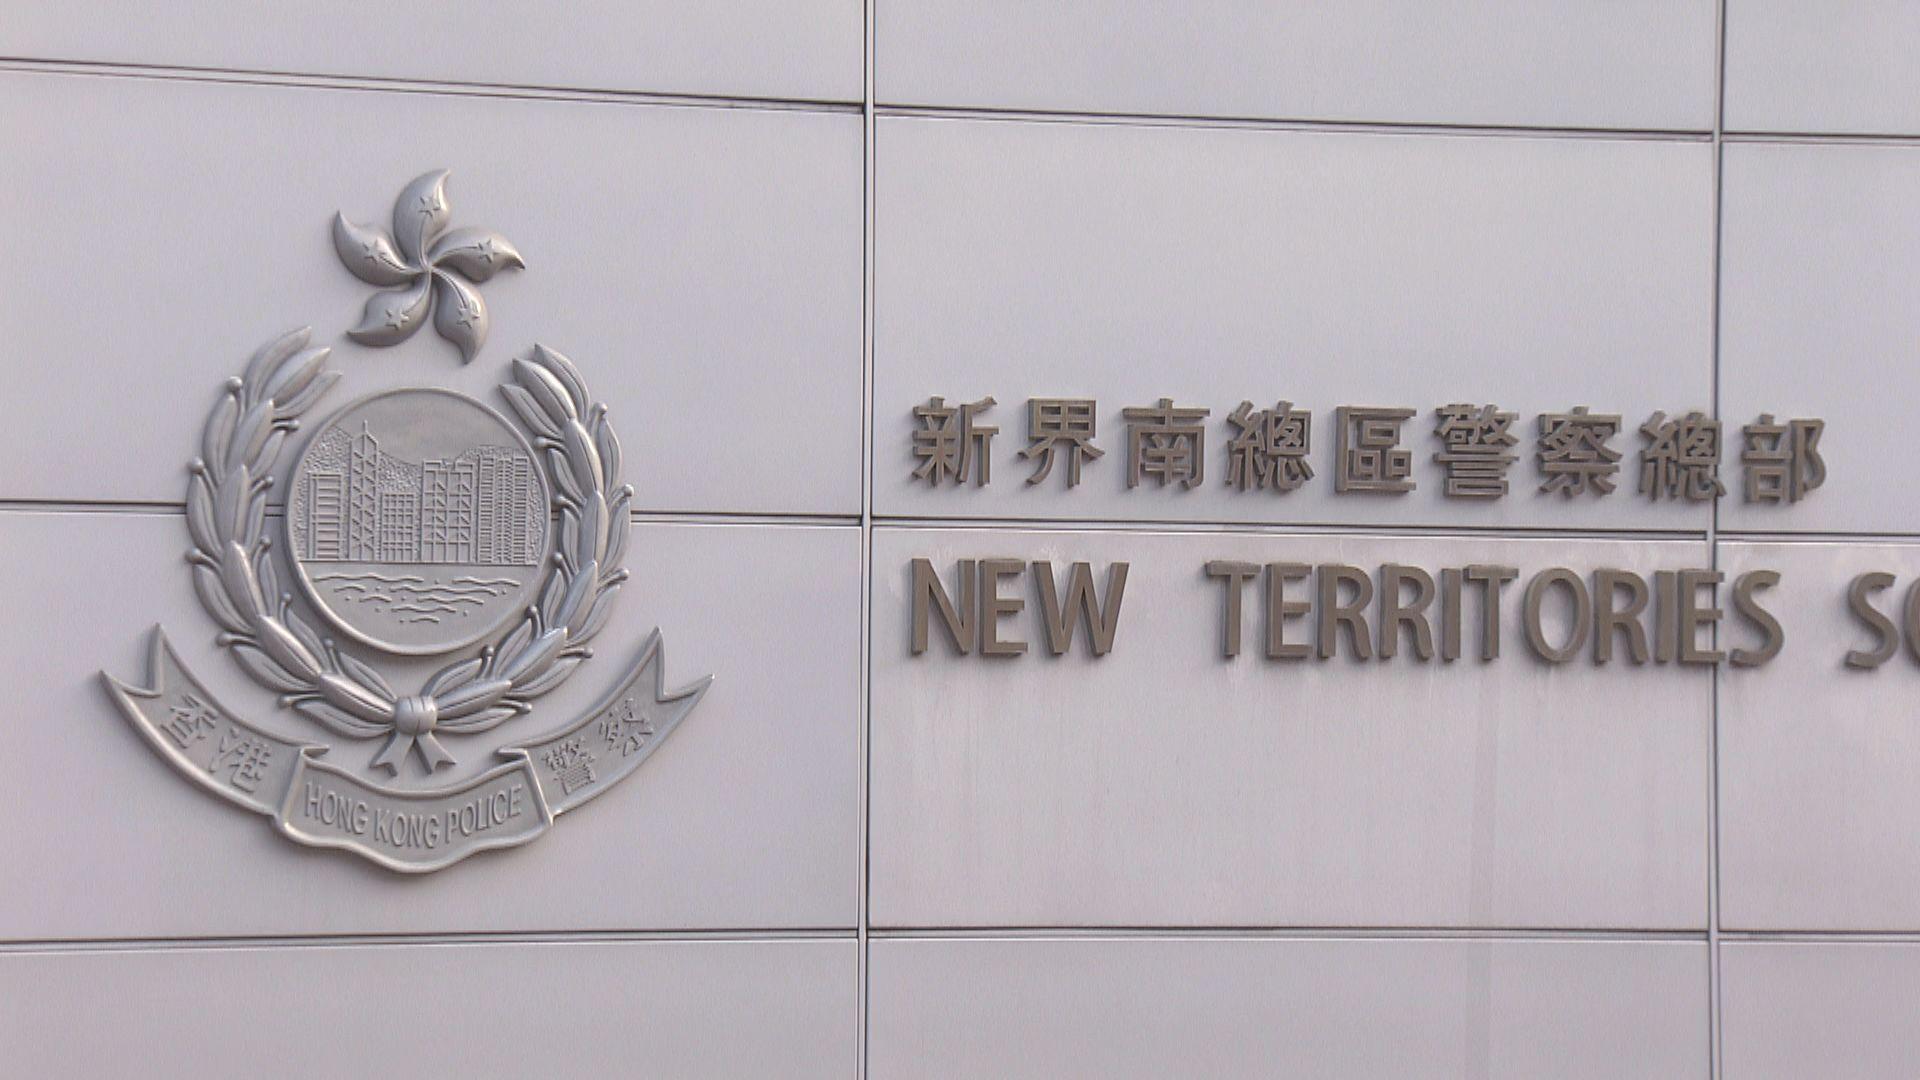 警員涉假文件騙貸款購兩物業共值2500萬 消息:涉案人為助理指揮官陳凱港